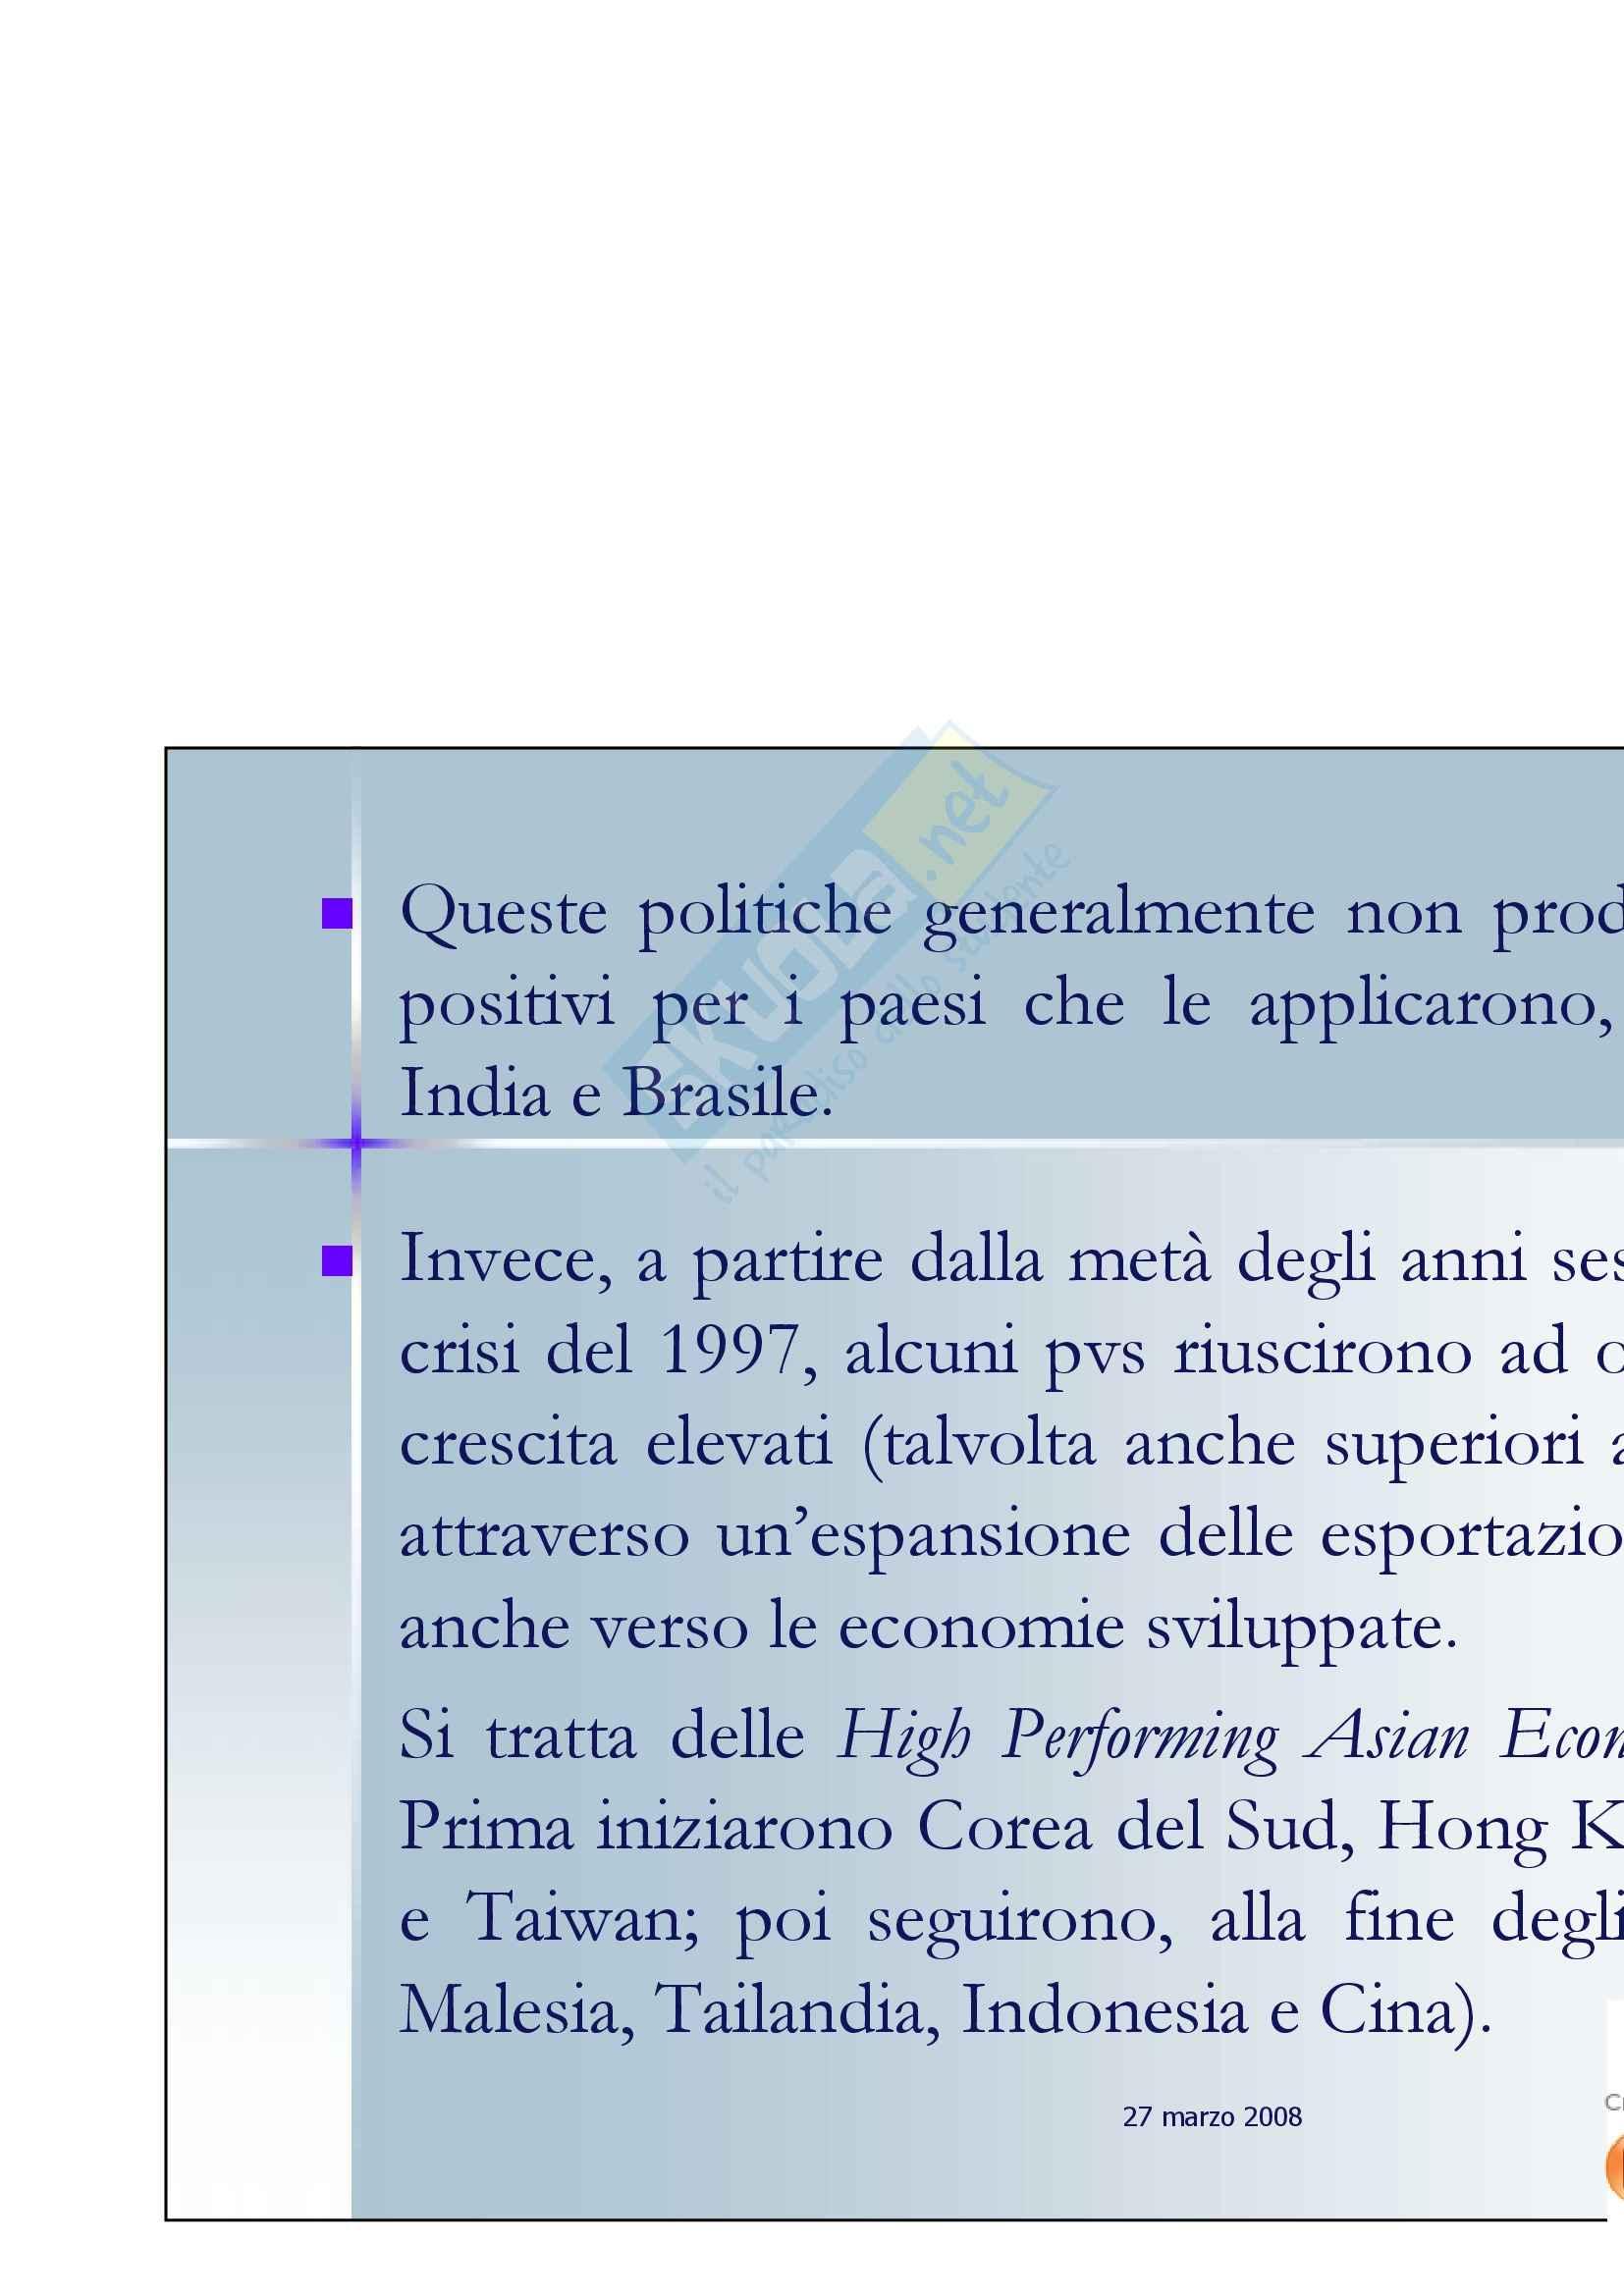 Economia internazionale - la politica commerciale dei Paesi in via di sviluppo Pag. 2